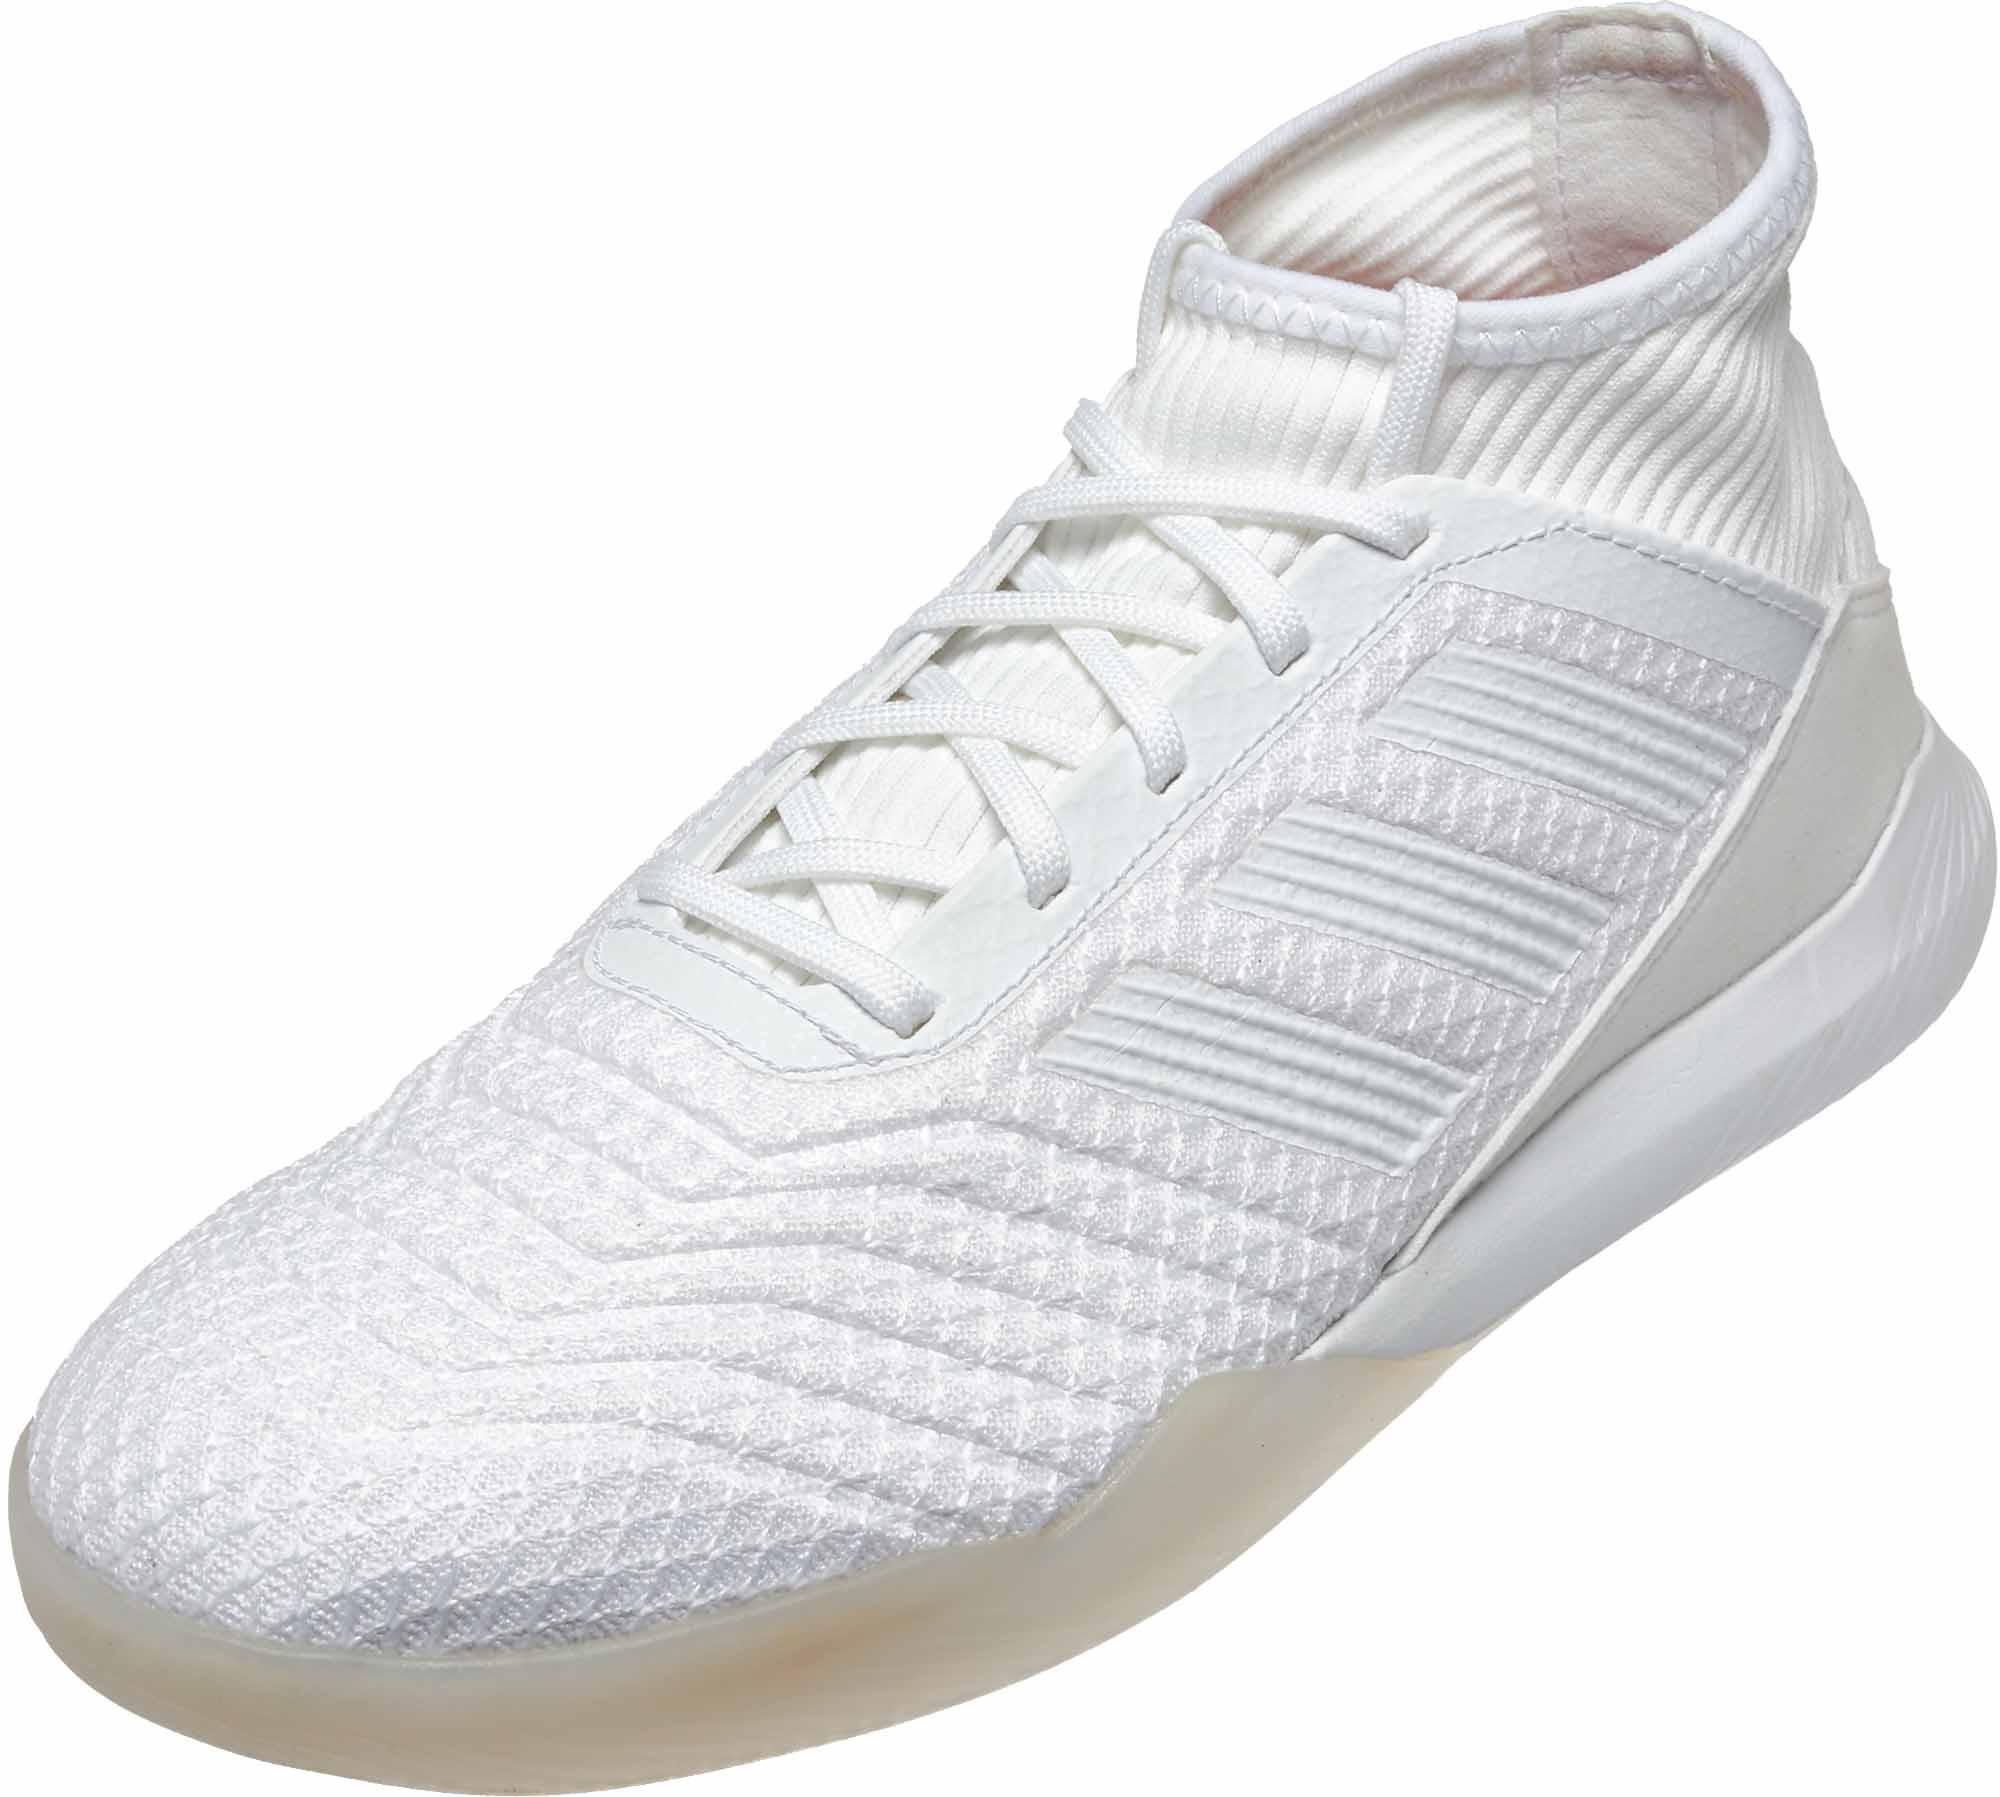 08d77b63970 adidas Predator Tango 18.3 TR - White Turf Soccer Shoes